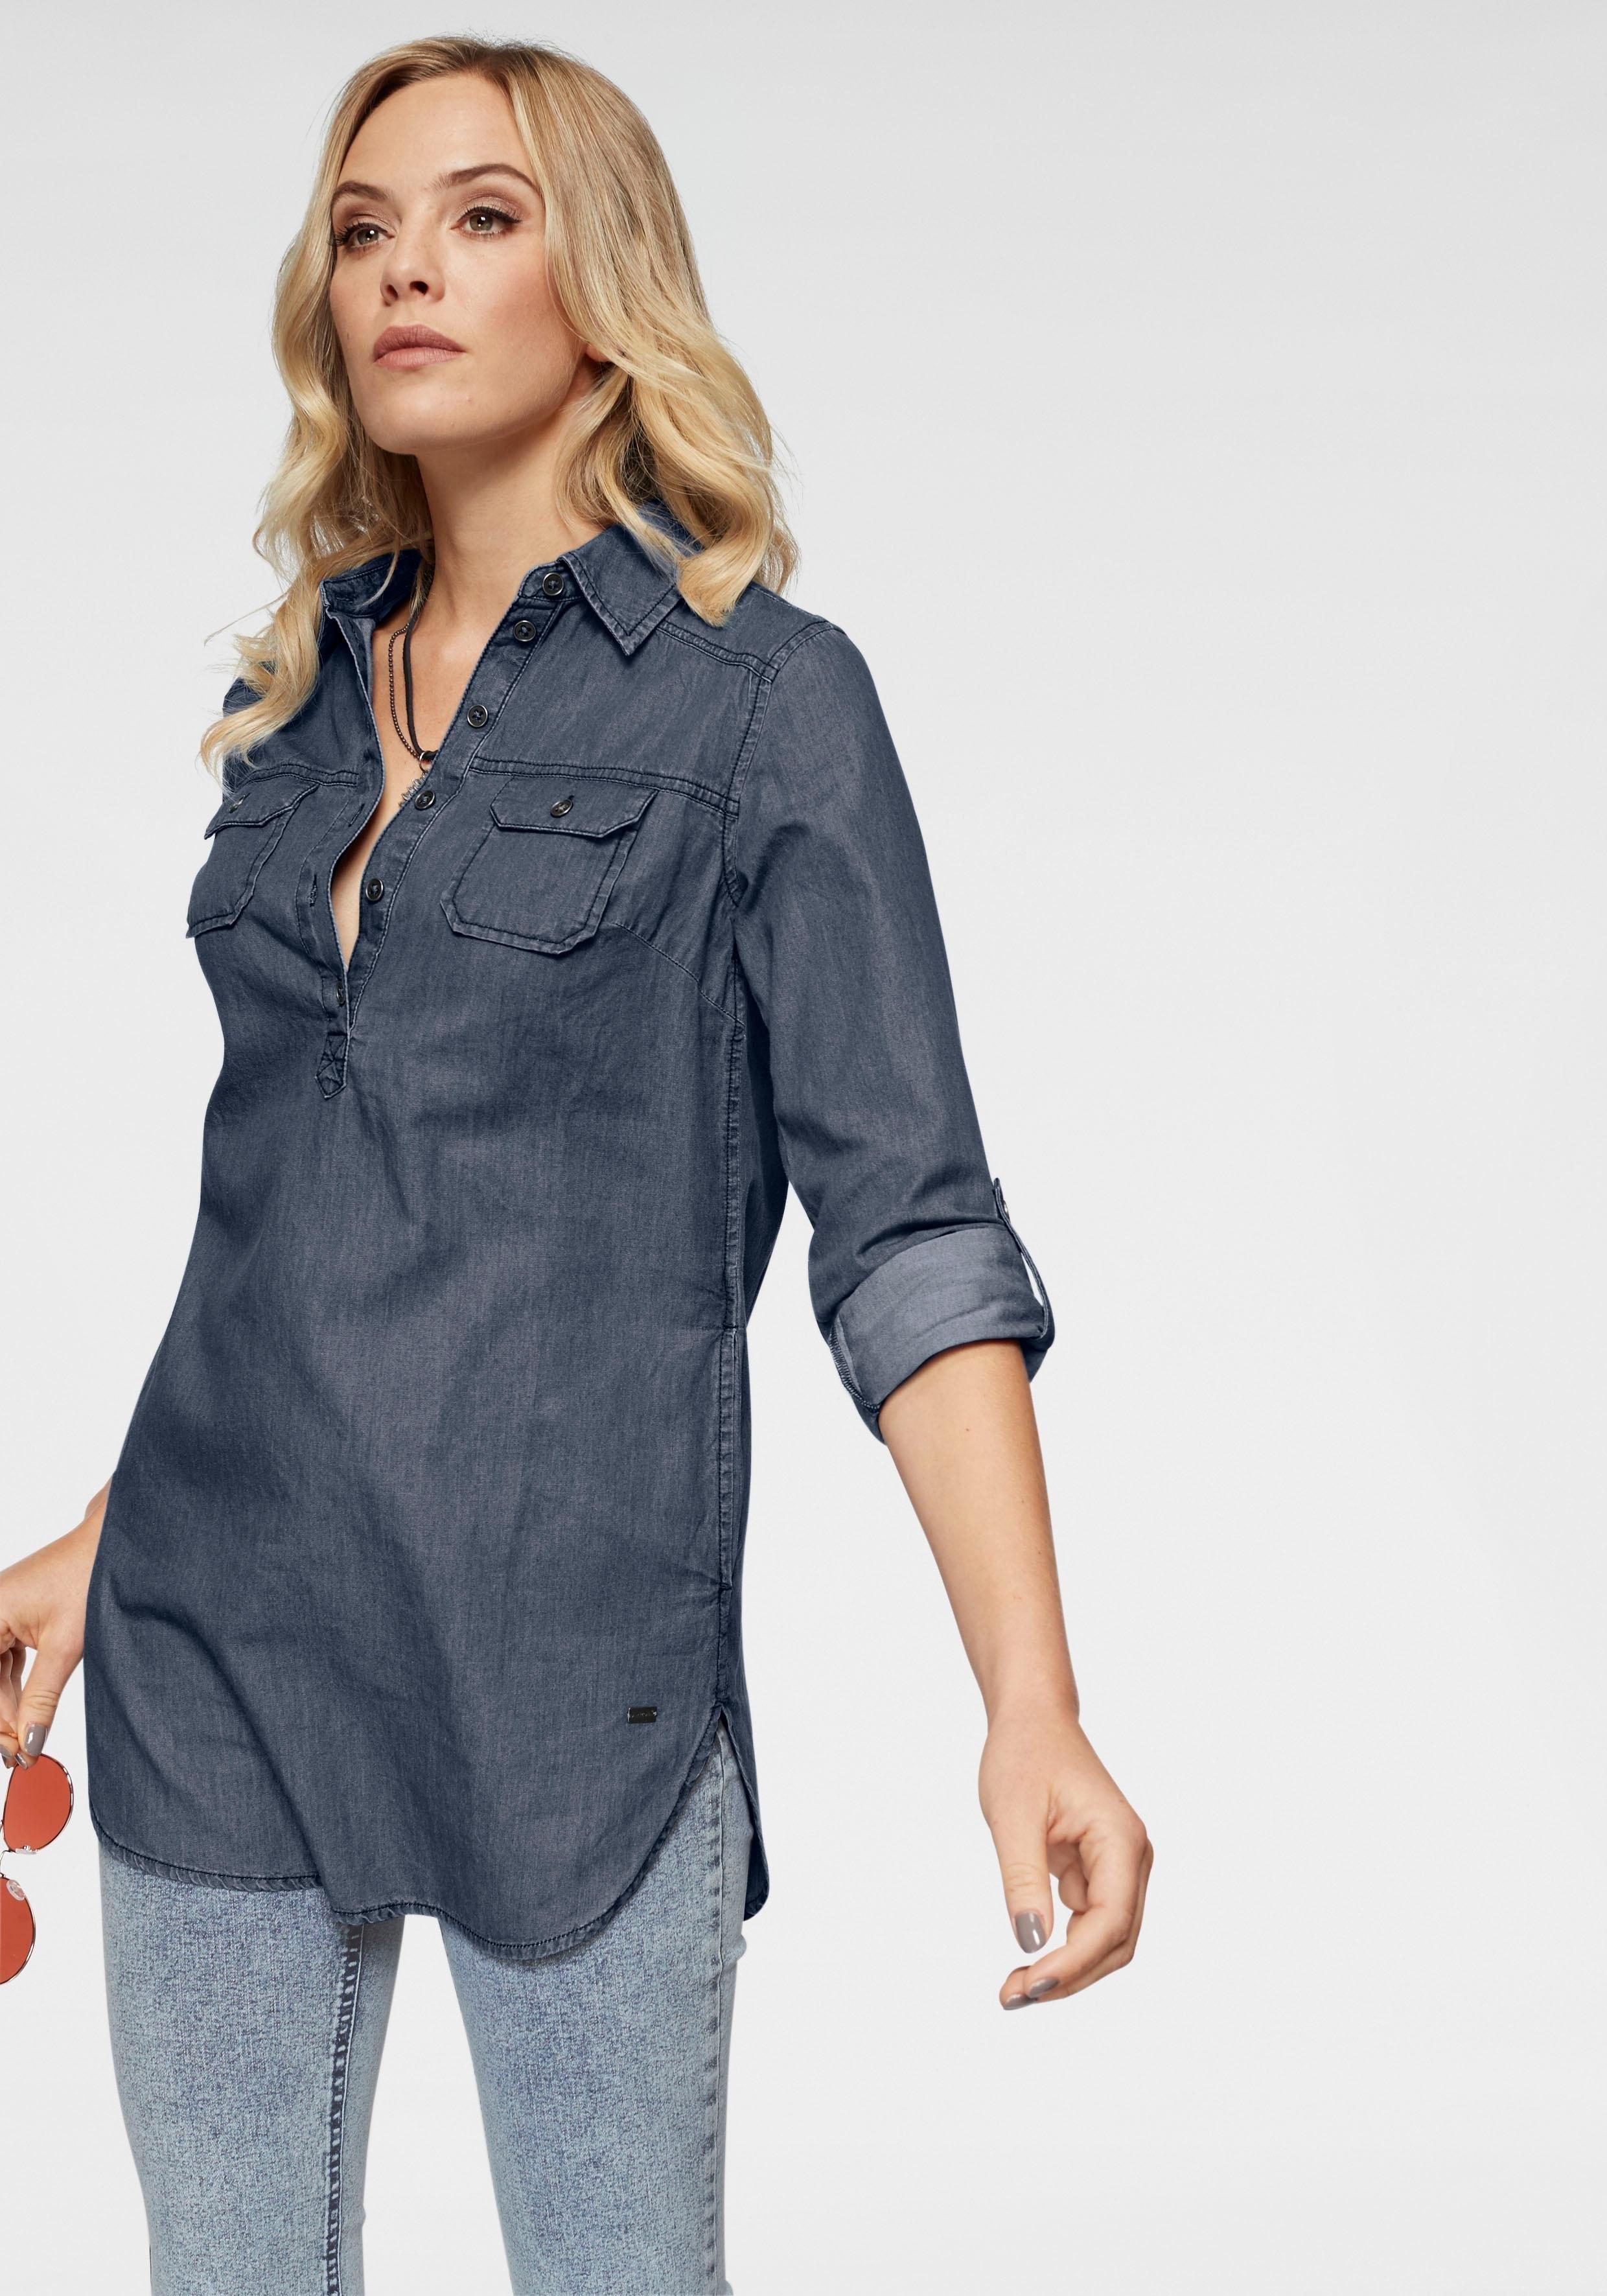 ARIZONA jeansblouse »Oprolbare mouwen met trensje« nu online kopen bij OTTO